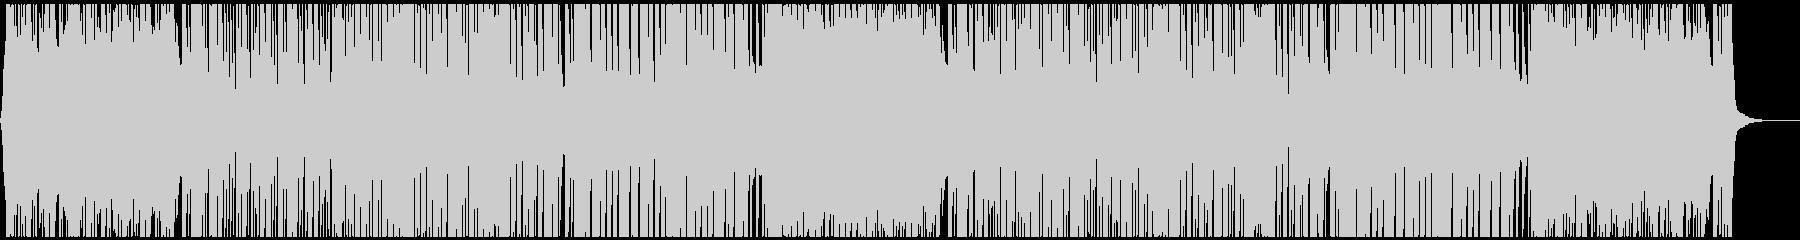 キャッチーなテクノポップ CM・映像の未再生の波形